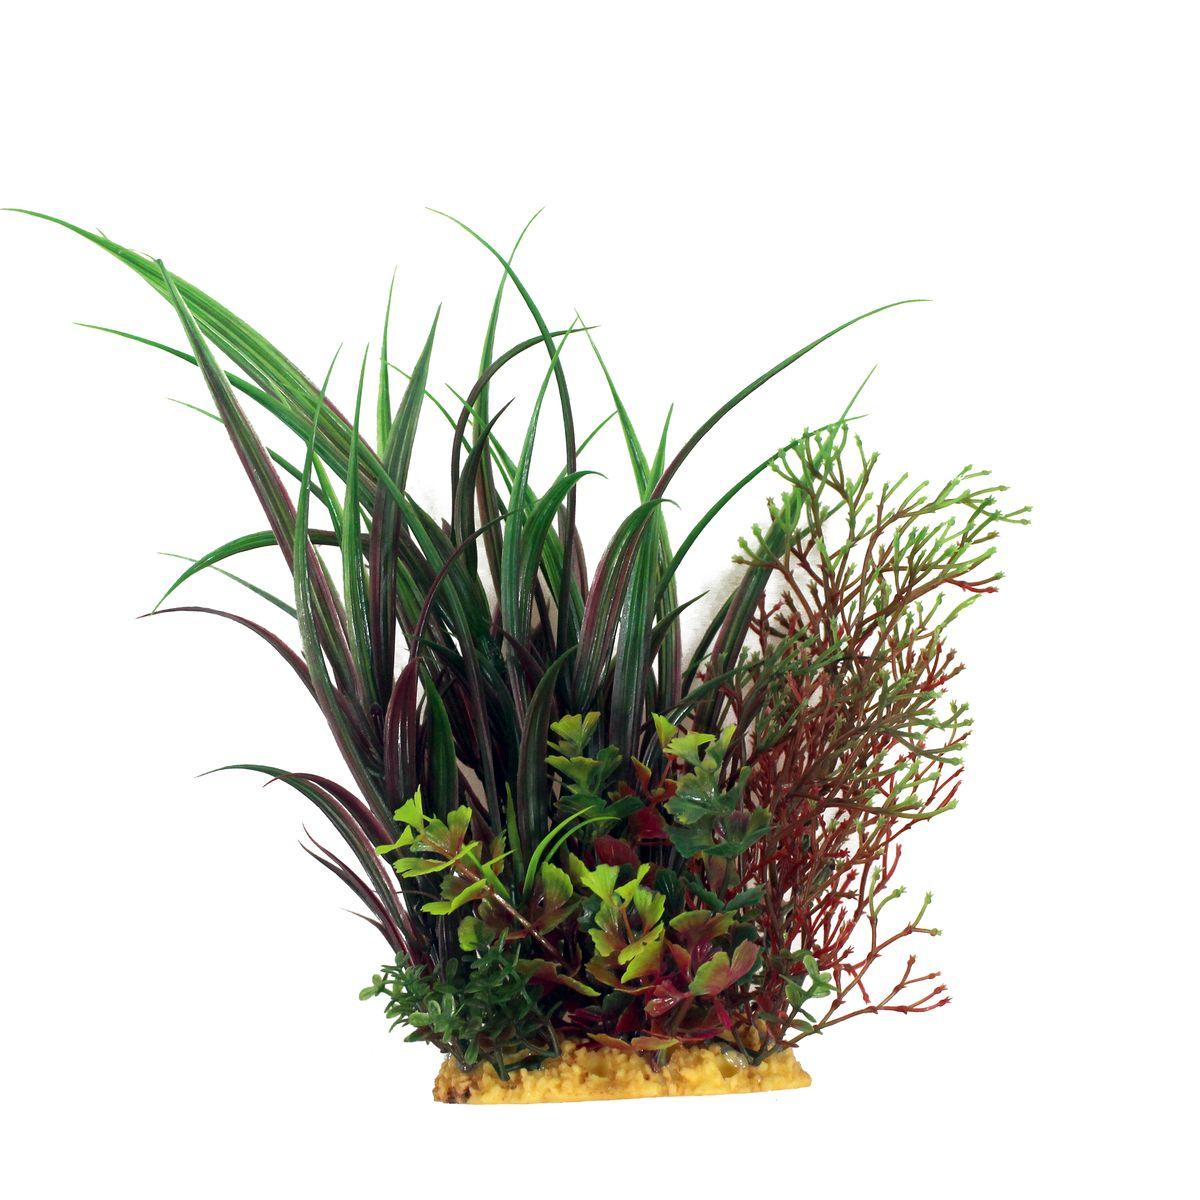 Растение для аквариума ArtUniq Офиопогон, высота 20 смART-1160206Растение для аквариума ArtUniq Офиопогон, высота 20 см